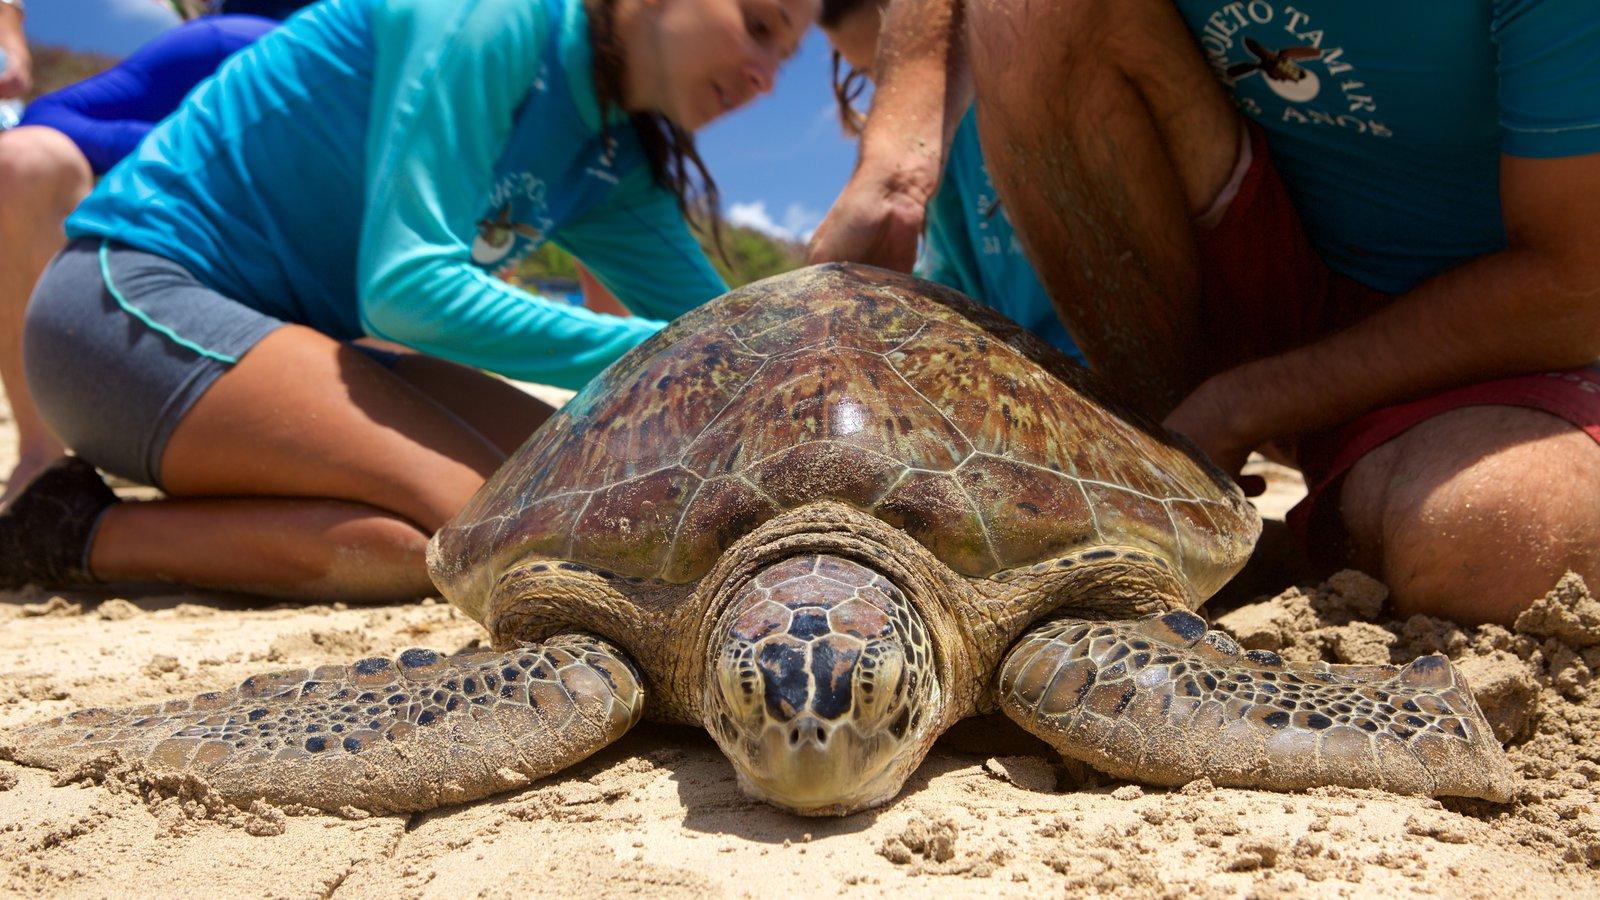 Projeto Tamar mostrando vida marinha e uma praia